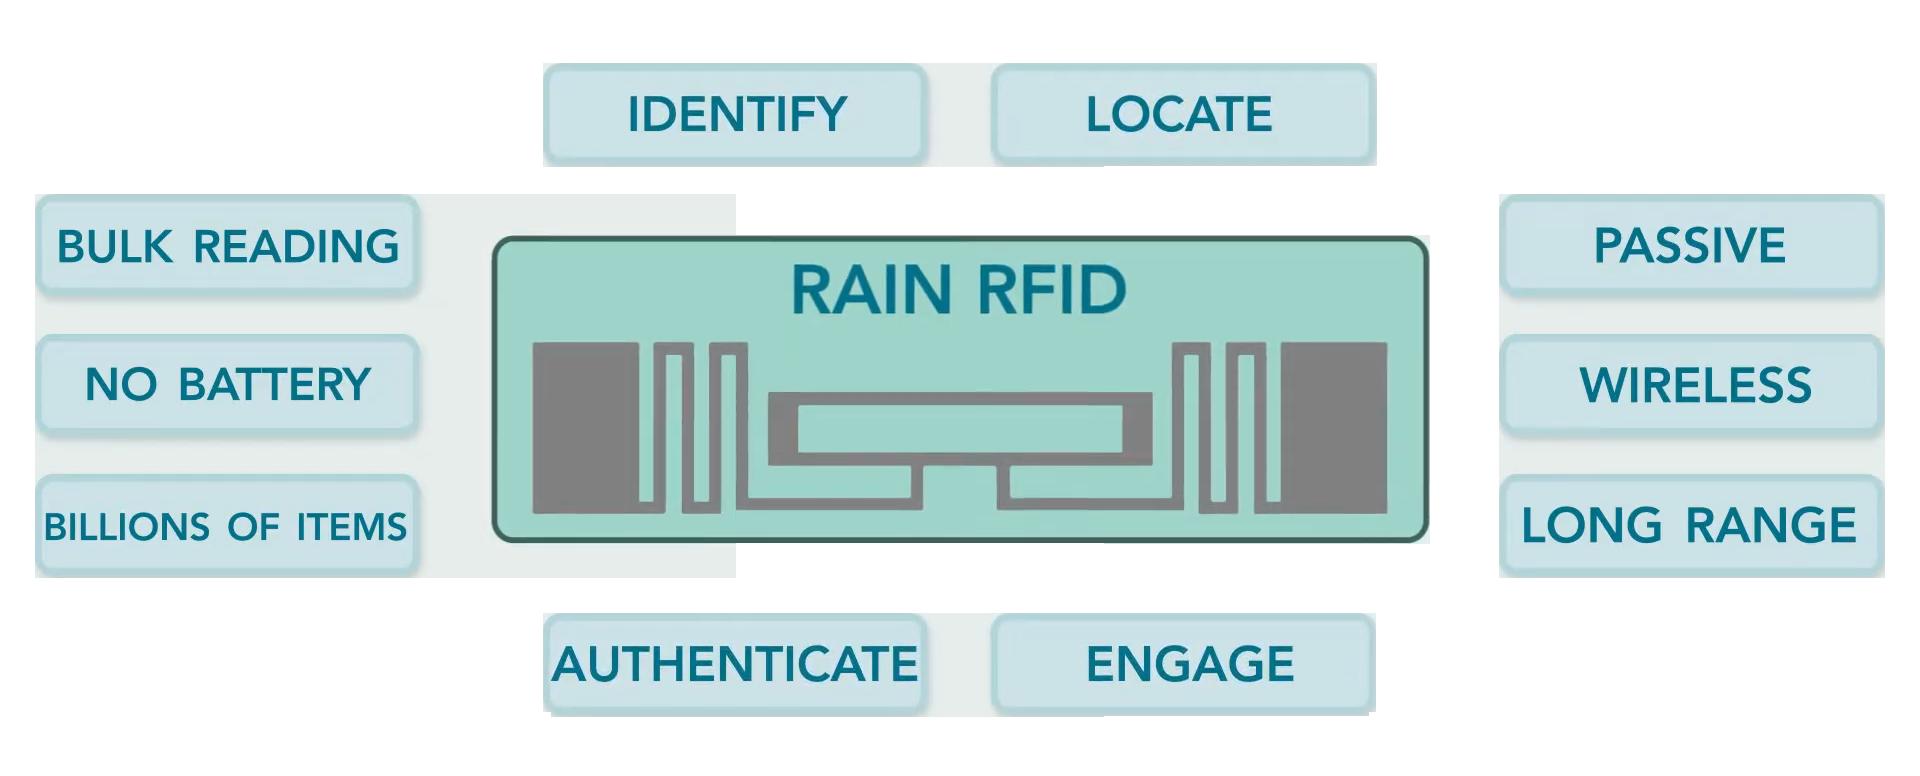 Technologia RAIN RFID (ISO/IEC18000-63) - pasywne rozwiązania UHF dla aplikacji IoT